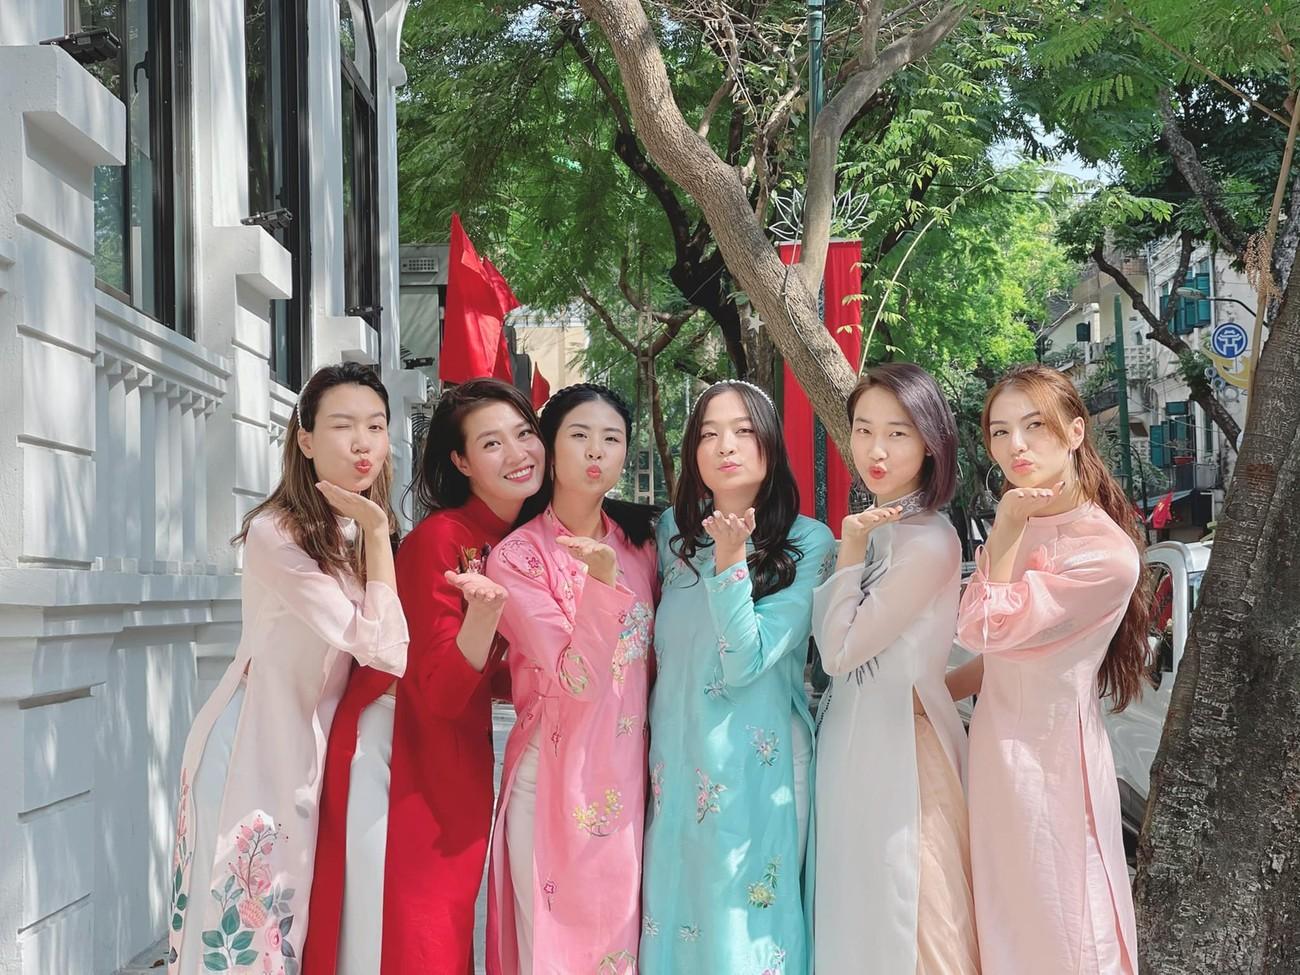 Ngọc Hân và hội bạn thân cả thập kỷ mặc áo dài khoe dáng trên phố Xuân mùng 2 Tết ảnh 2